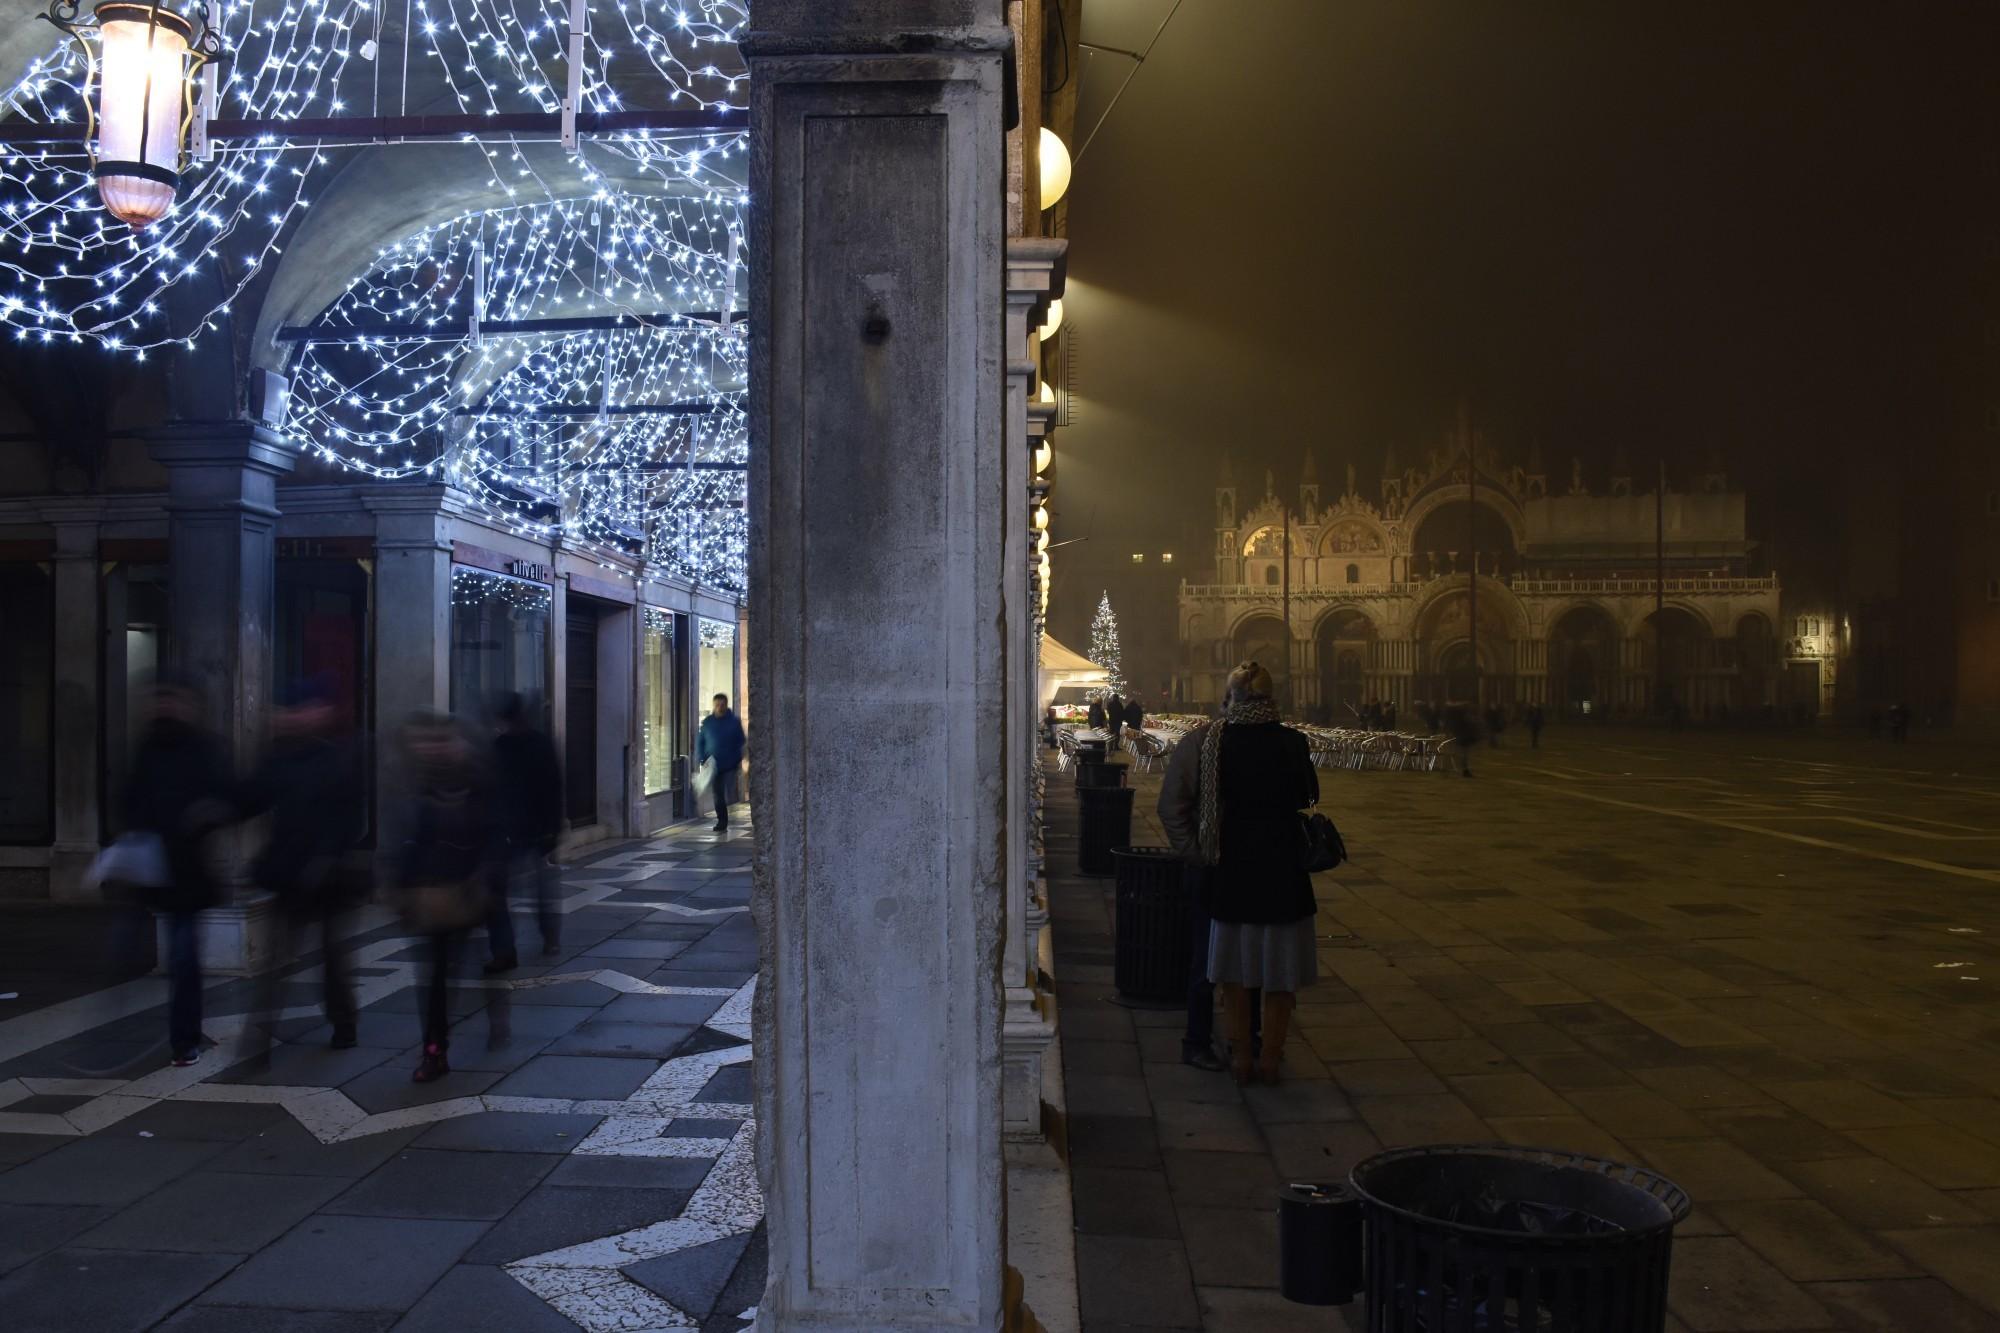 Saint Mark's evening fog